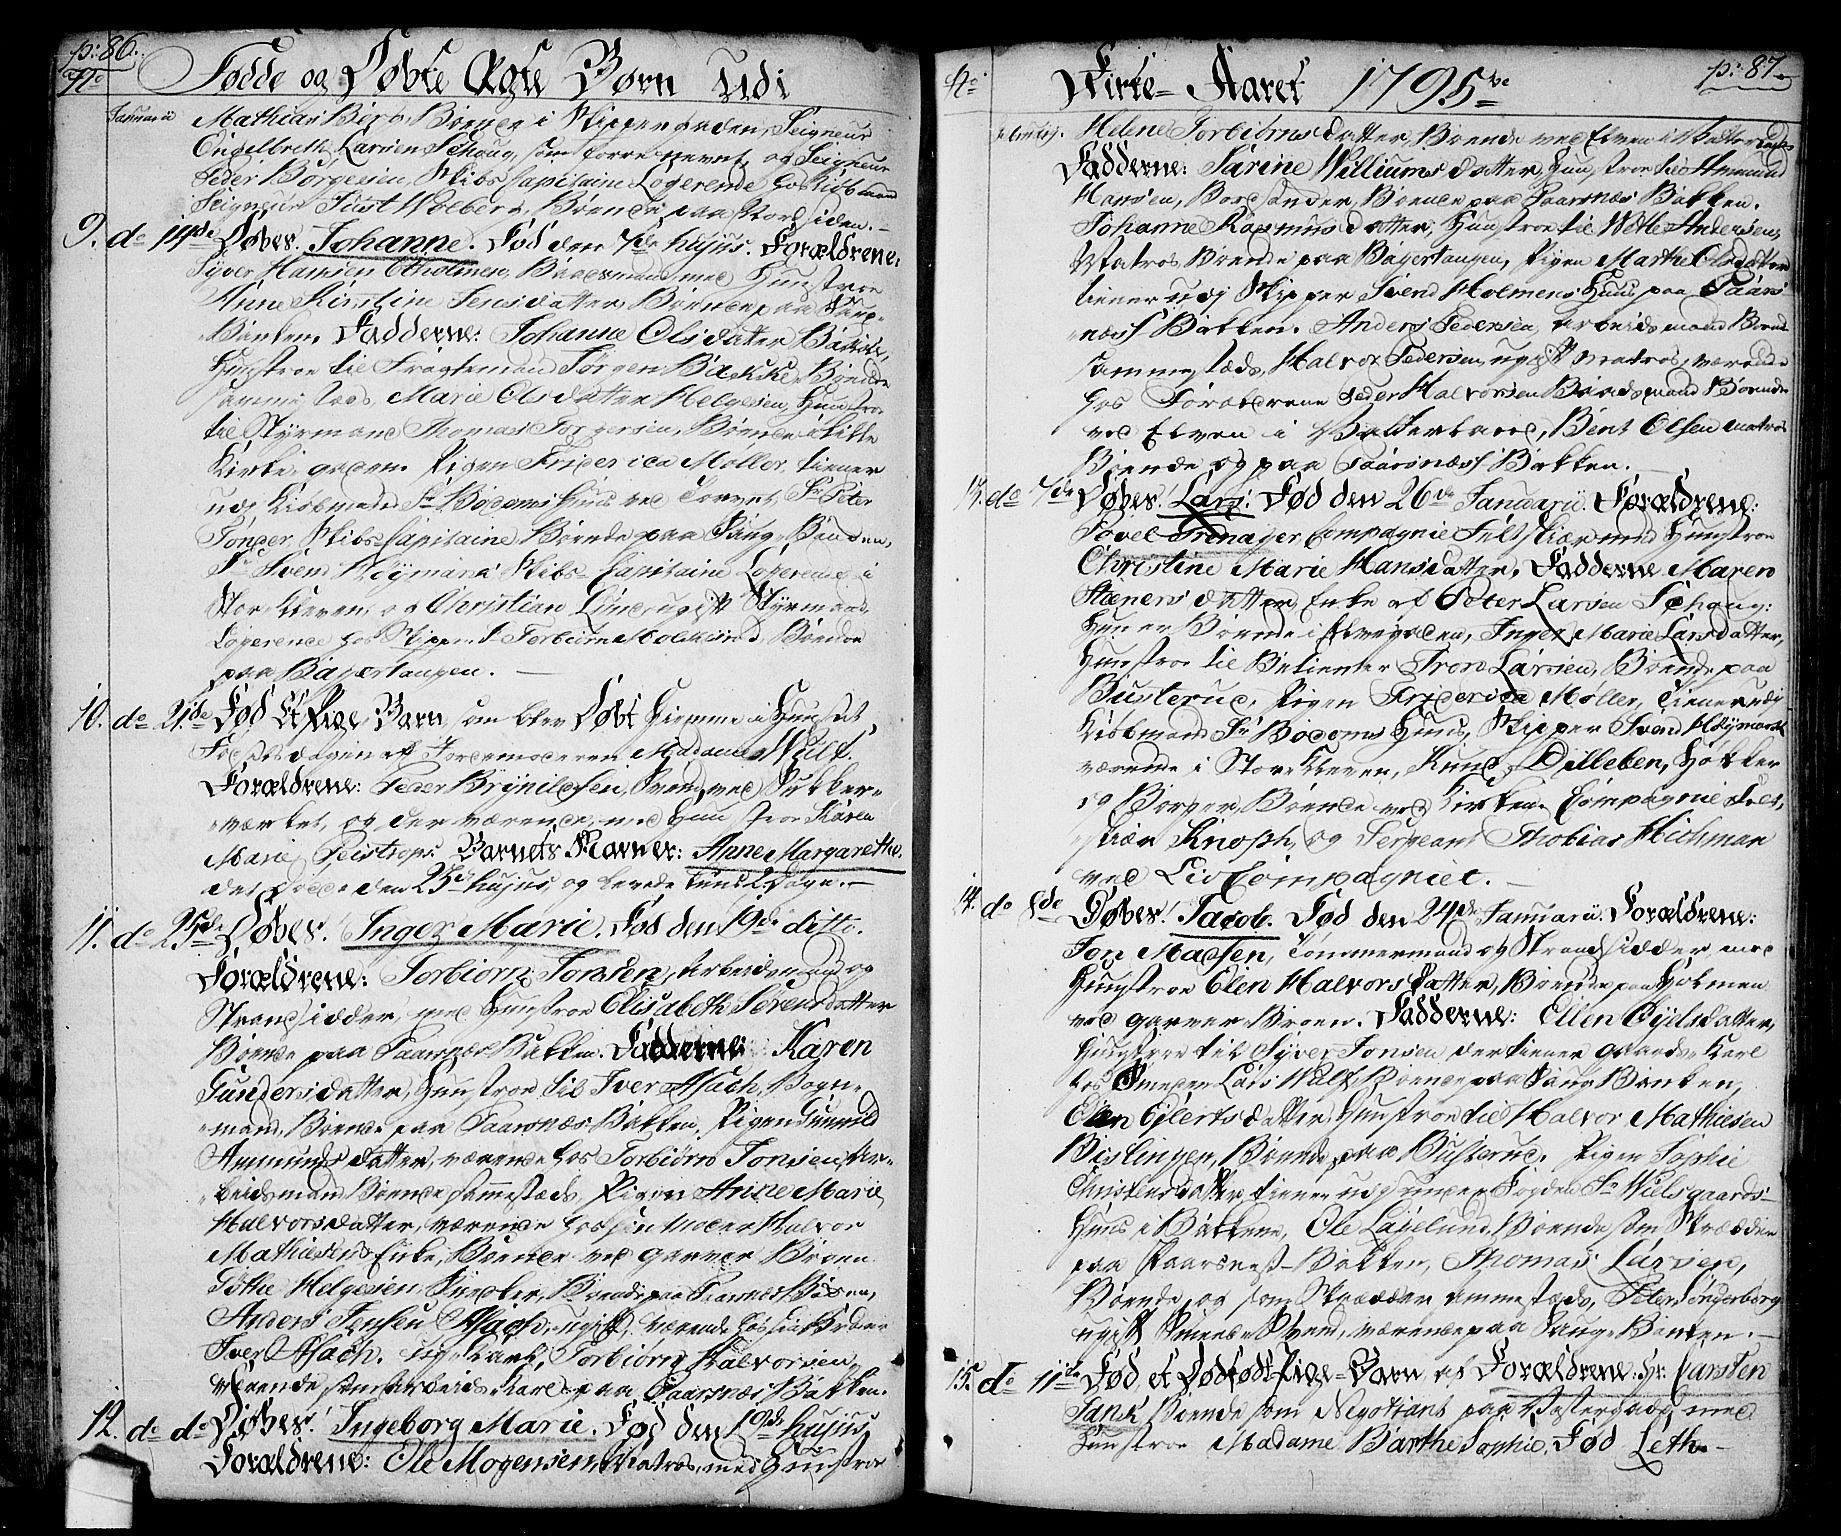 SAO, Halden prestekontor Kirkebøker, F/Fa/L0002: Ministerialbok nr. I 2, 1792-1812, s. 86-87